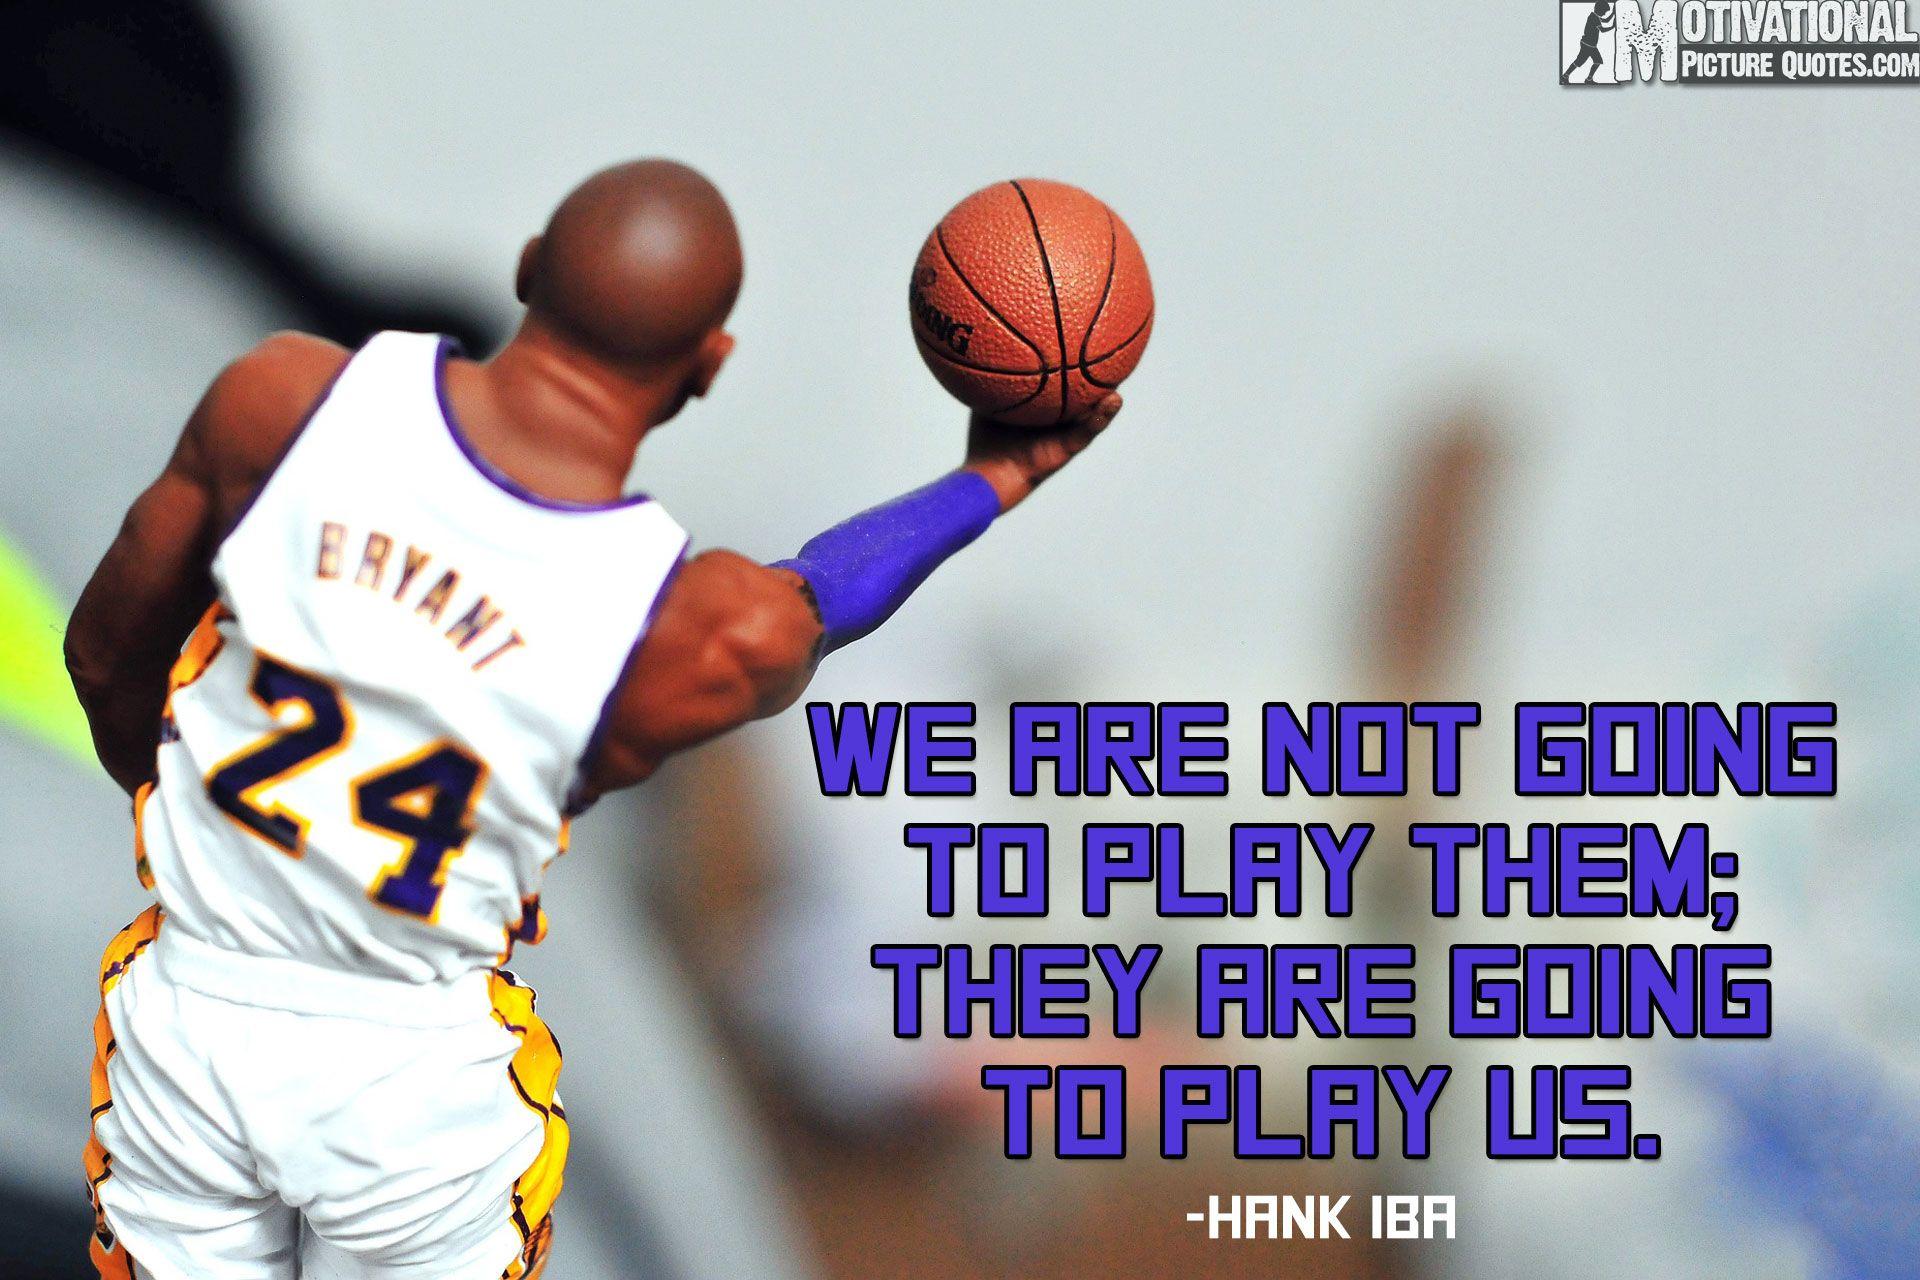 50 Inspirational Basketball Quotes Basketball Motivation Pictures Fitness Quotes Basketball Quotes Inspirational Famous Fitness Quotes